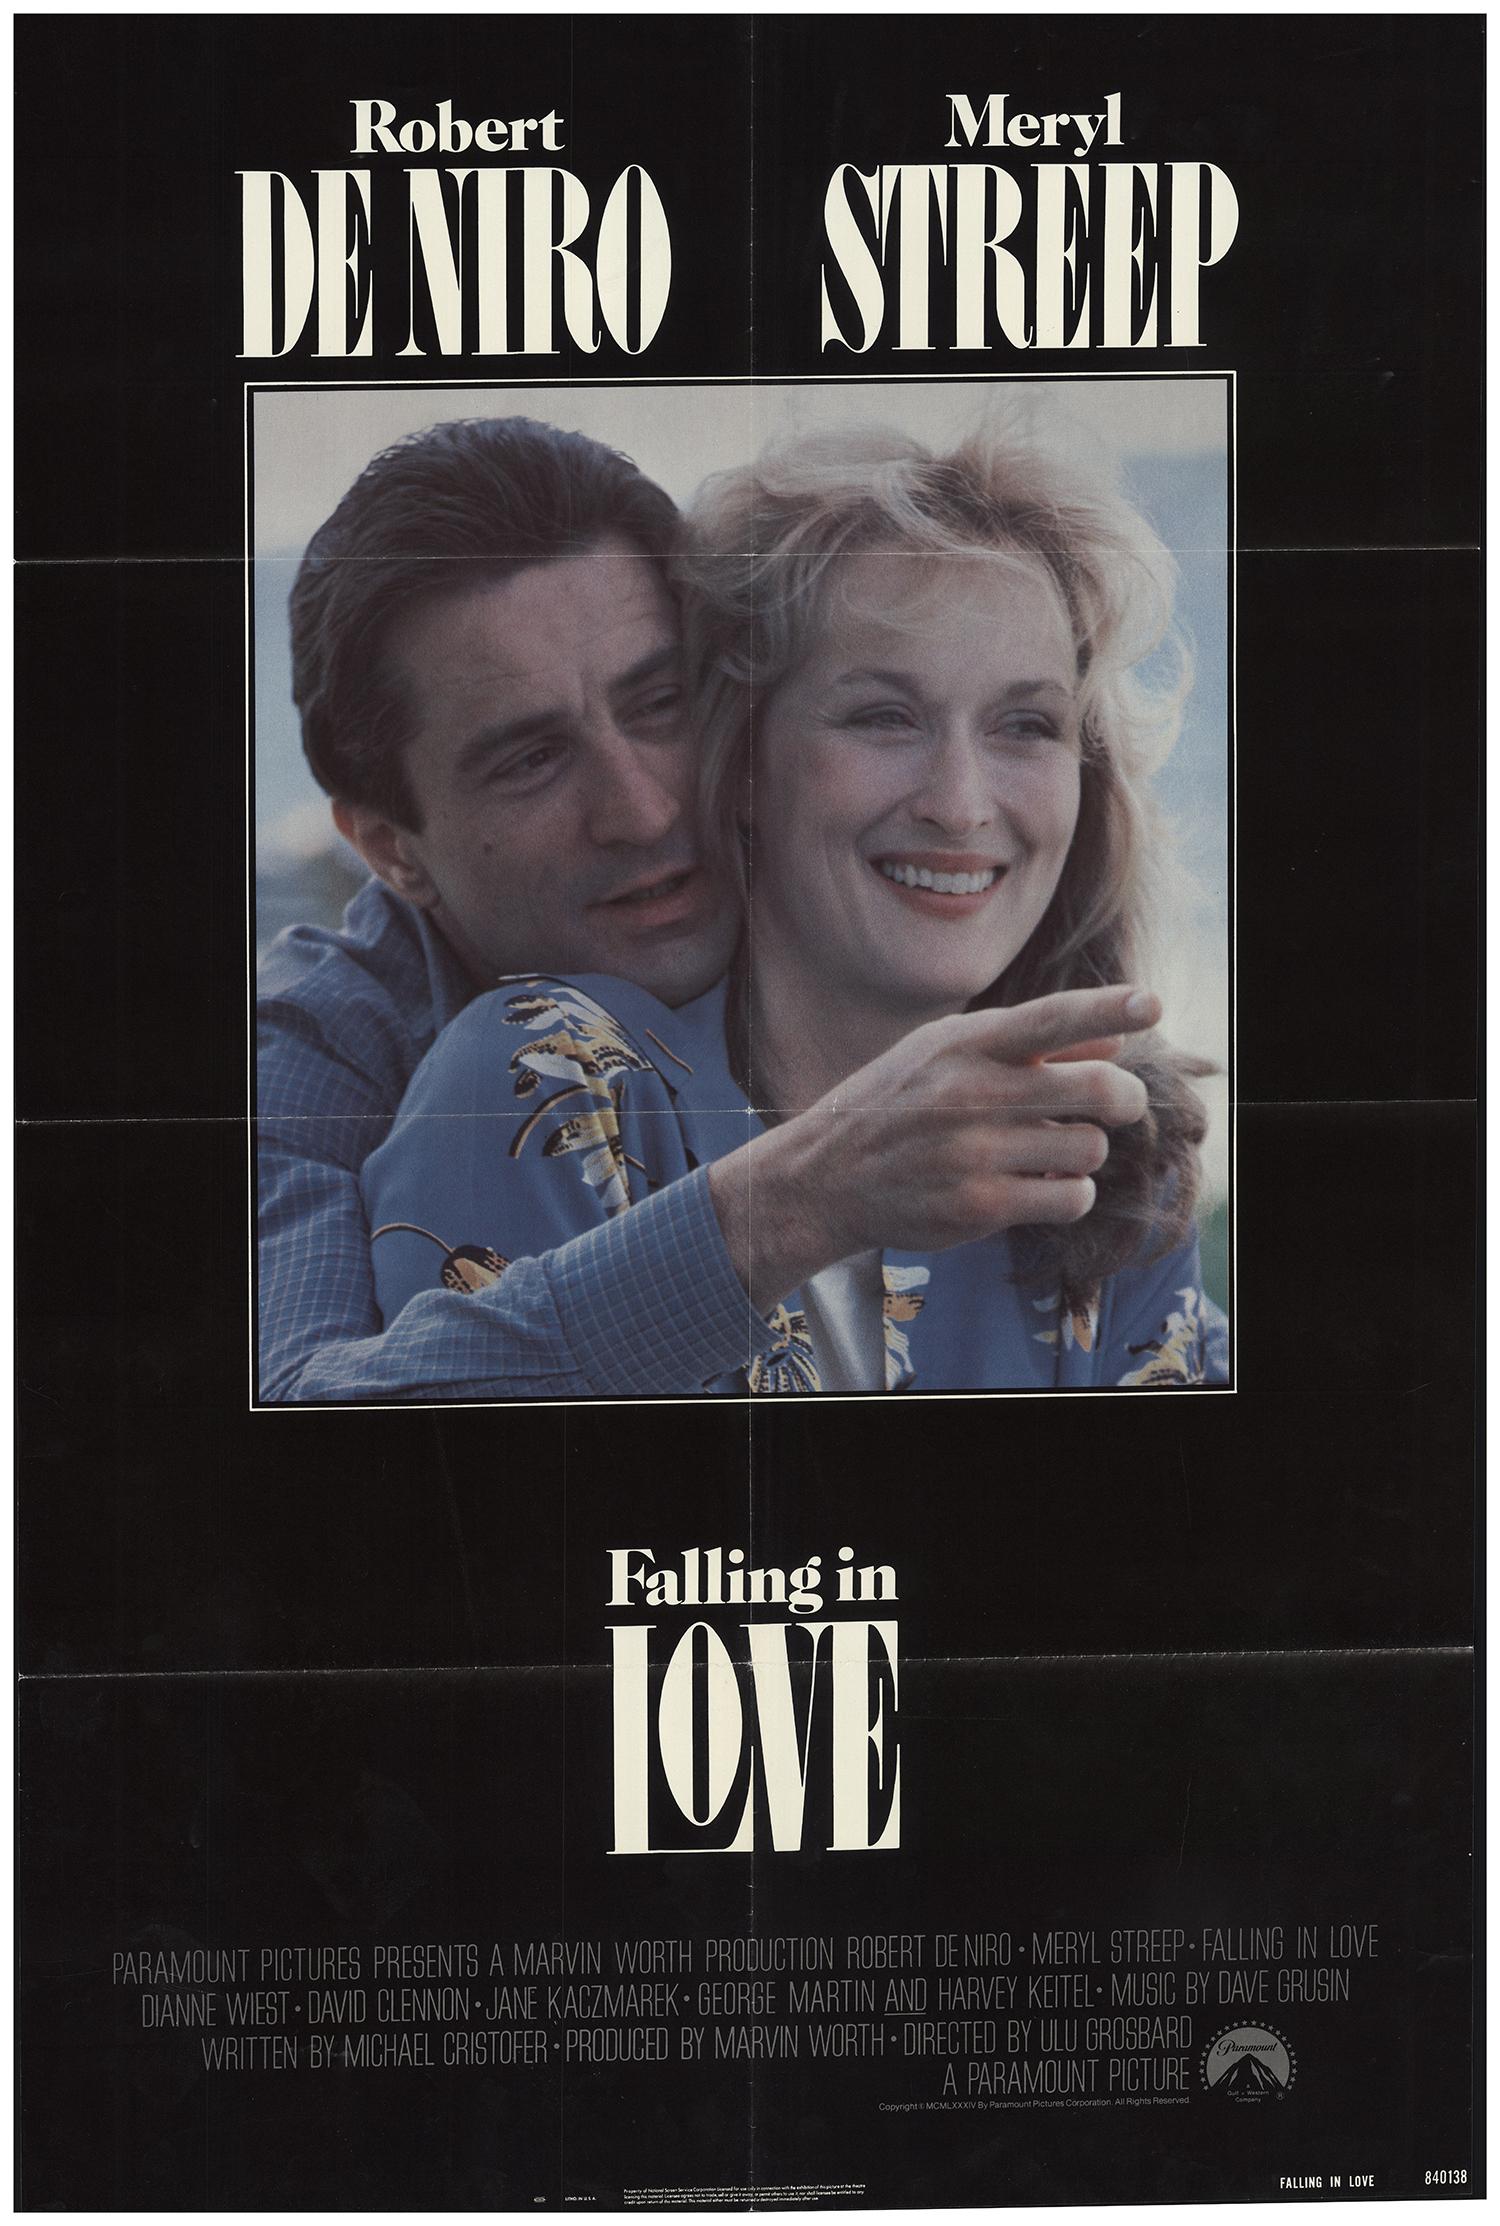 Falling In Love 1984 27x40 Orig Movie Poster Fff 68526 Rolled Meryl